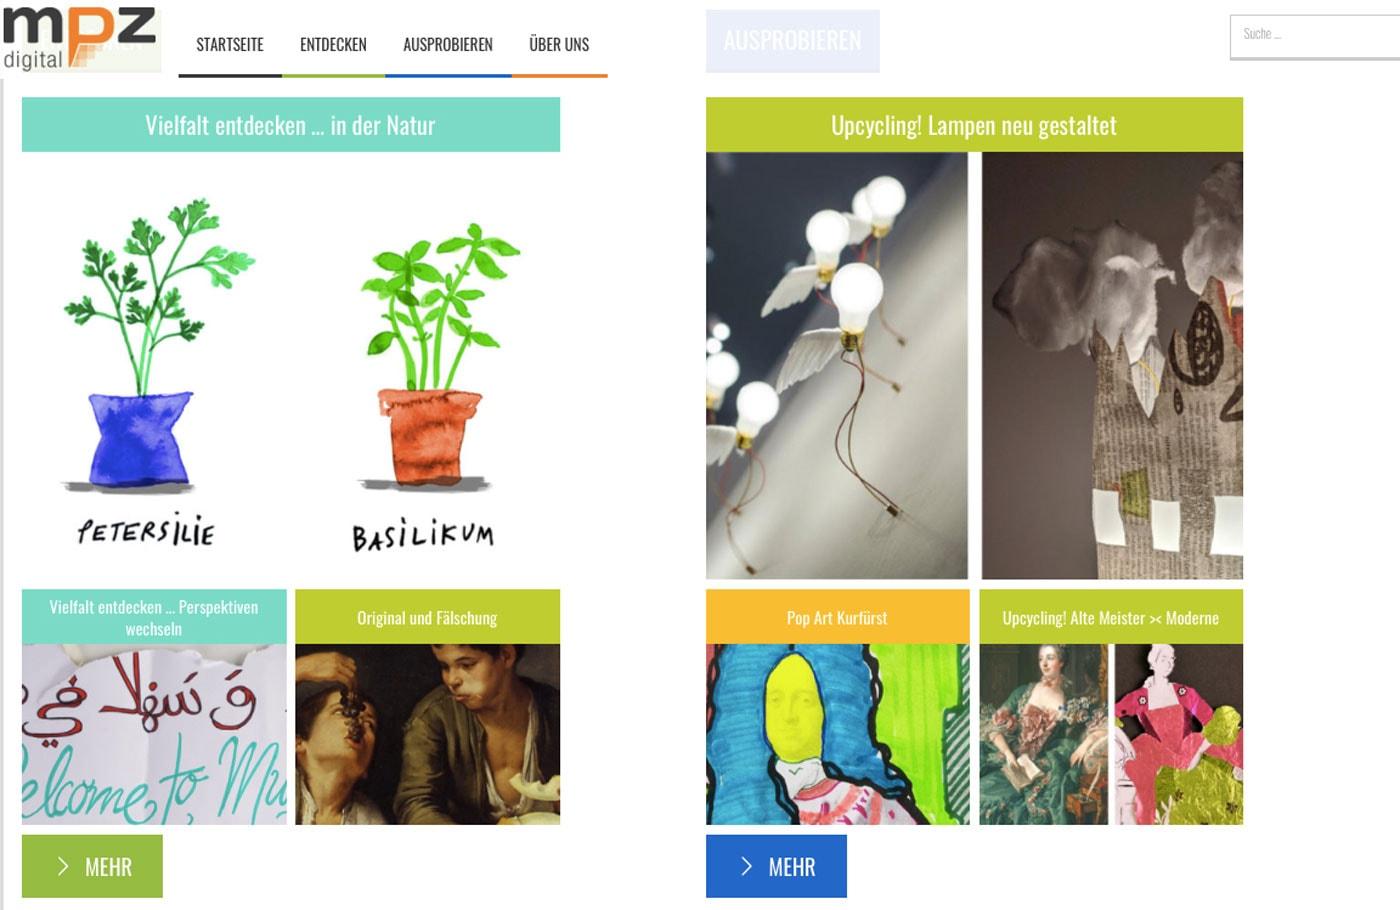 MPZ digital: Entdecken und Ausprobieren // HIMBEER